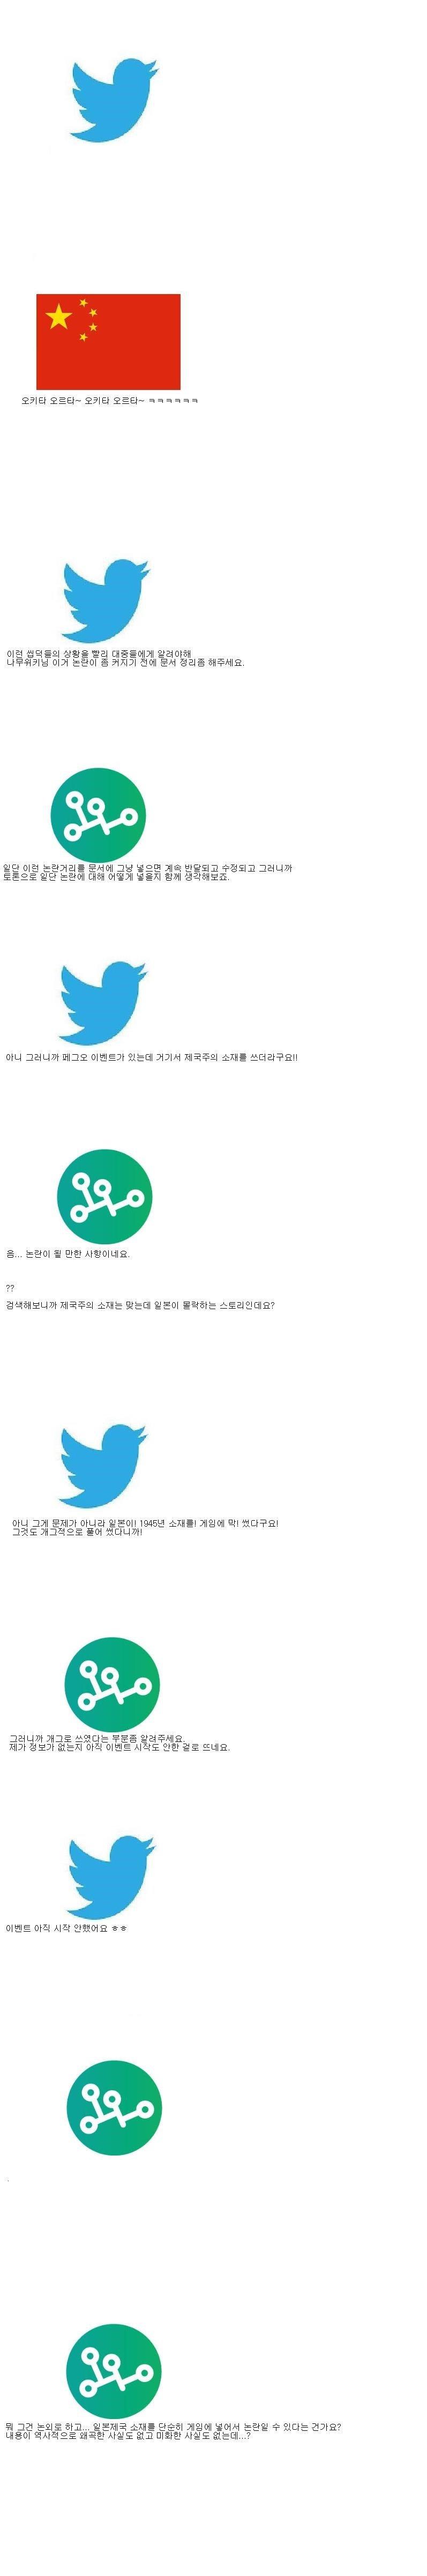 viewimage.php?id=20bbd729&no=24b0d769e1d32ca73dec81fa11d028314d3faebecfec25ed6aa779bc795ef317165f9d7a6fc6b6a88058057280fe453b7b66d97cc3000d69335d76c2780296656145d37fb0f22d884f30196ba19638728f1a9aad129703f01b8ffb